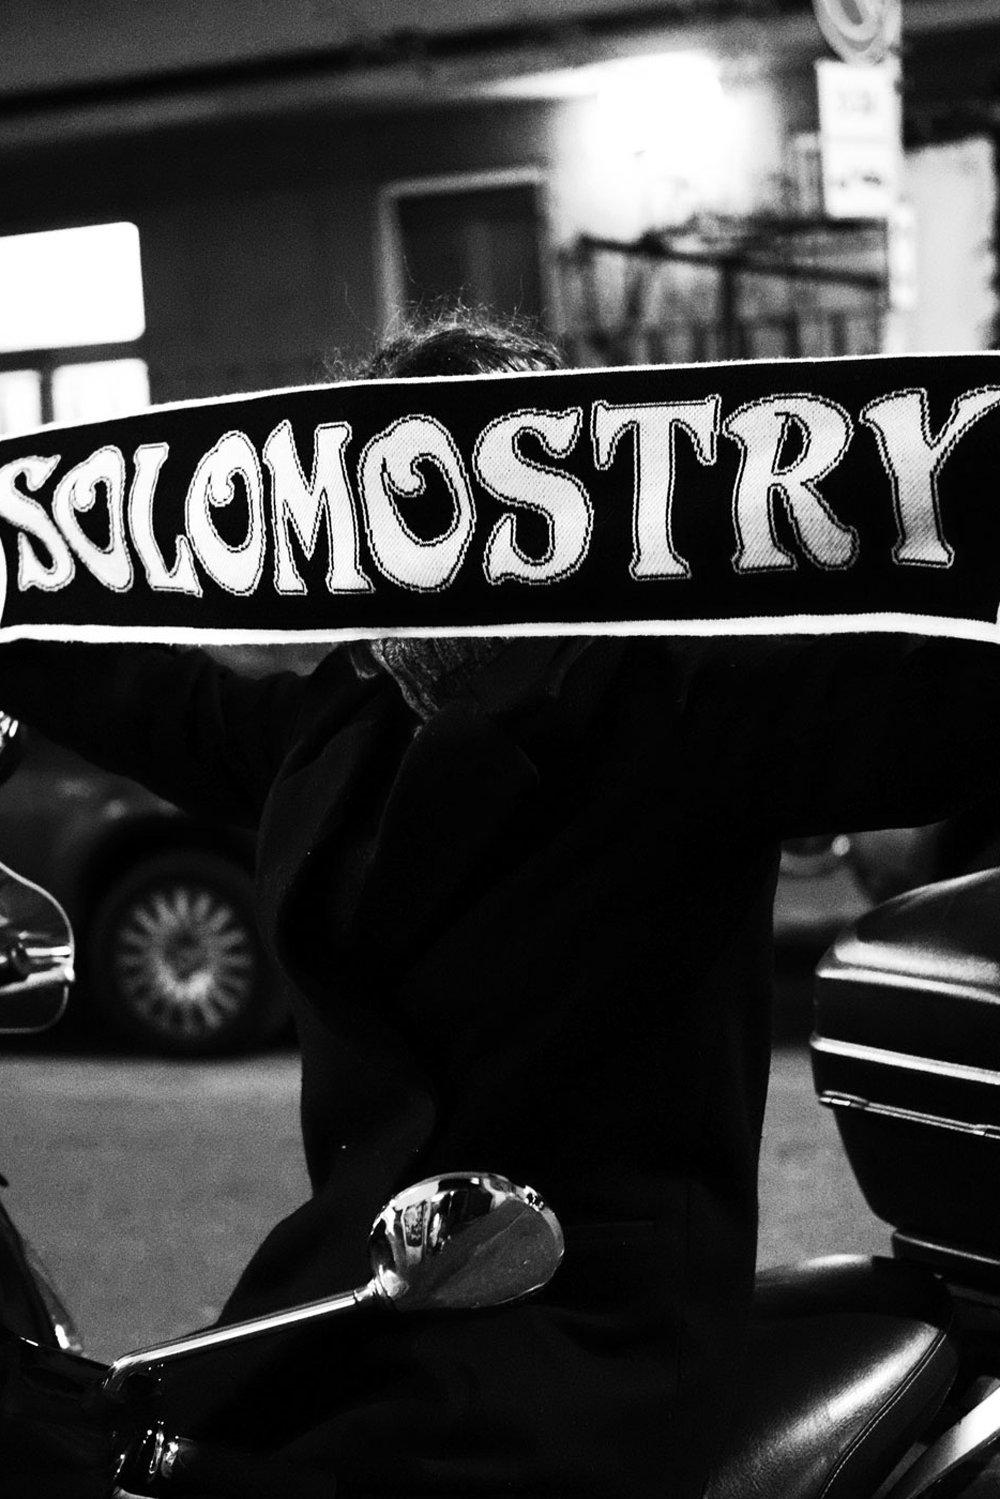 ★ SOLOMOSTRY ULTRAS LTD ★